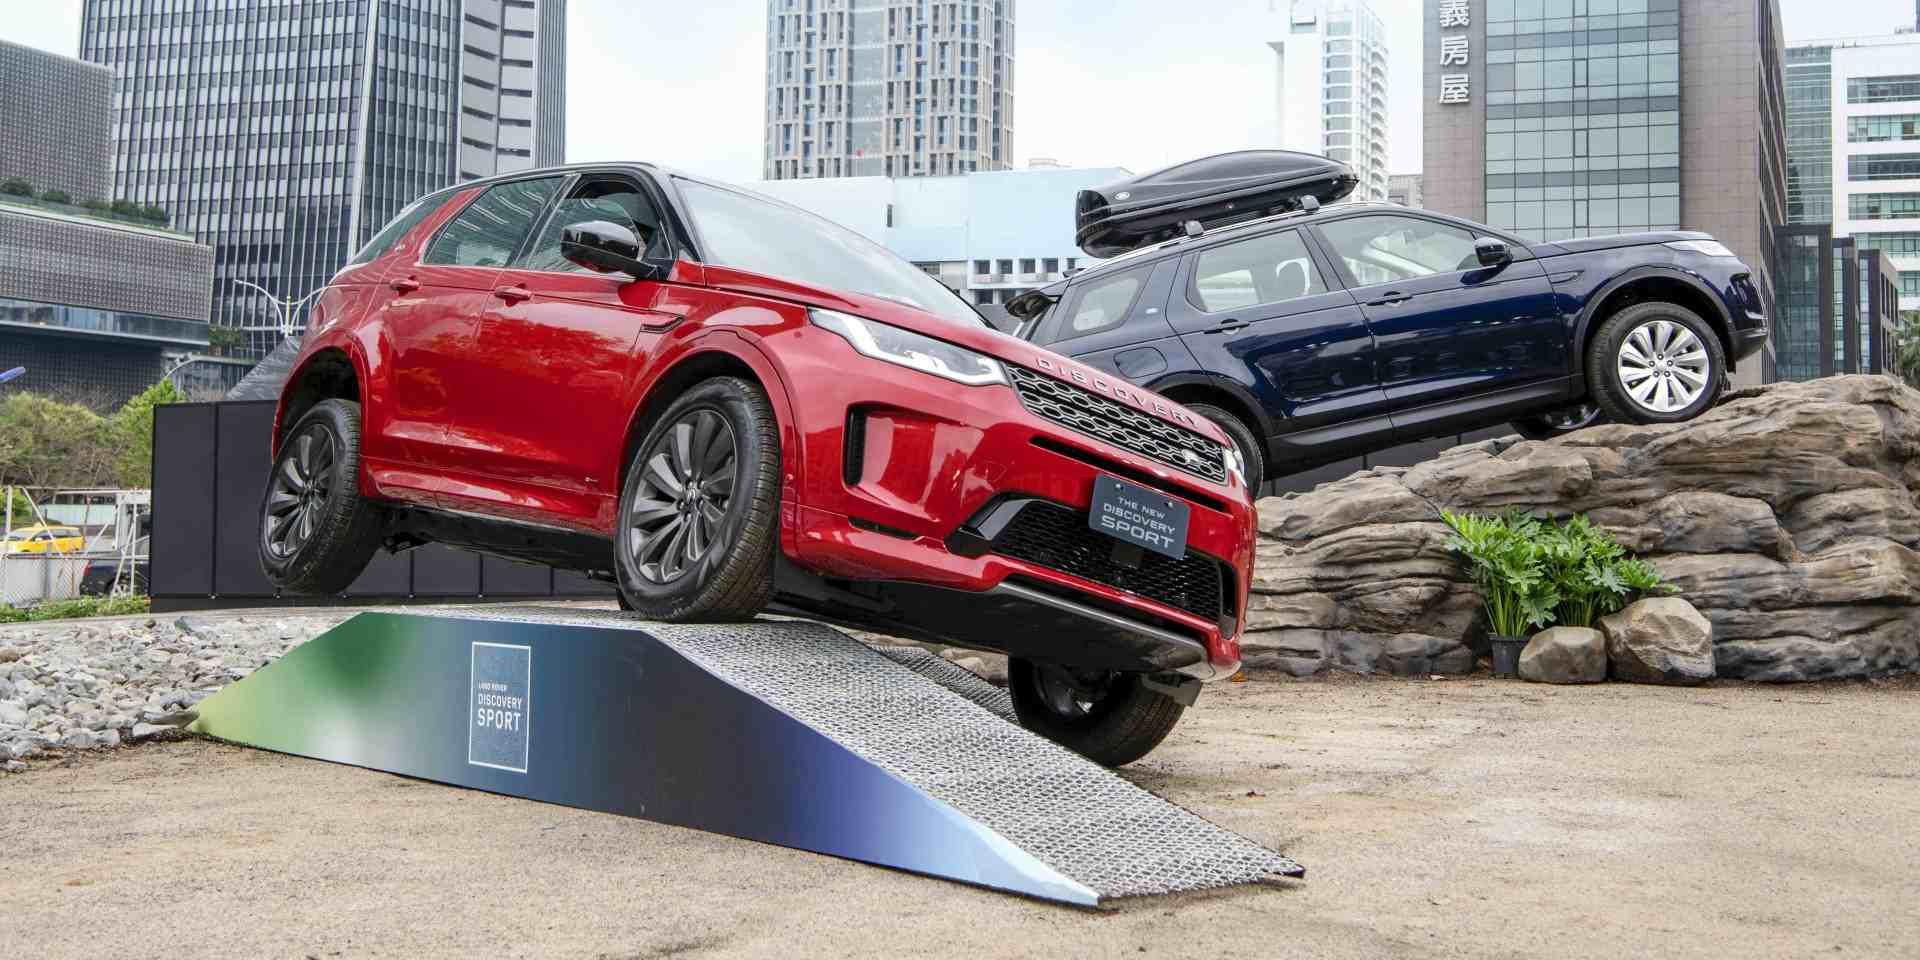 探索為世界解鎖:Land Rover 發表全新 New Discovery Sport 車系